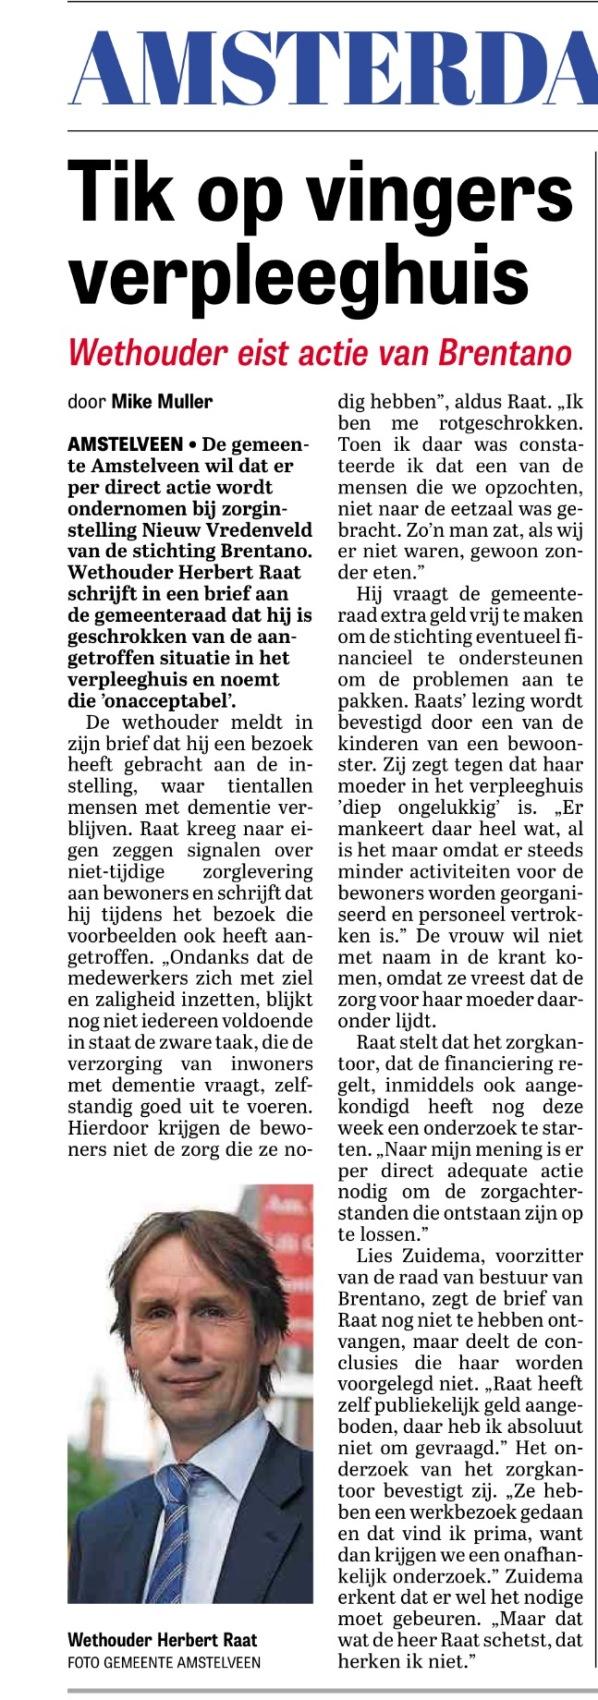 Telegraaf-2017-7-3; wethouder Herbert Raat over situatie Nieuw Vredeveld Brentano door Mike Muller